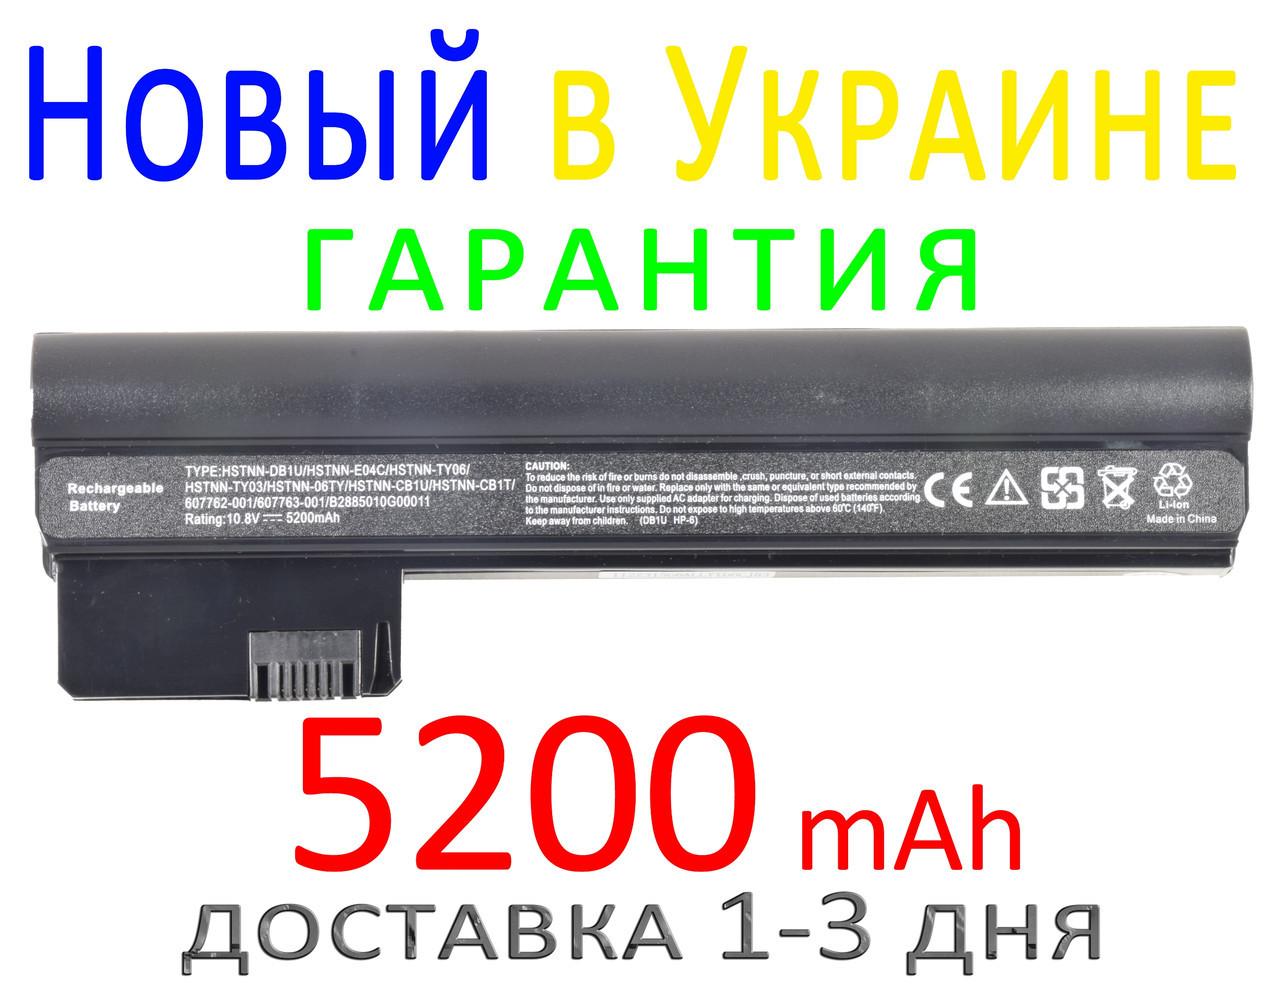 Аккумулятор батарея HP Mini 110 3030 3031 3042 3050 3053 CA NR SA